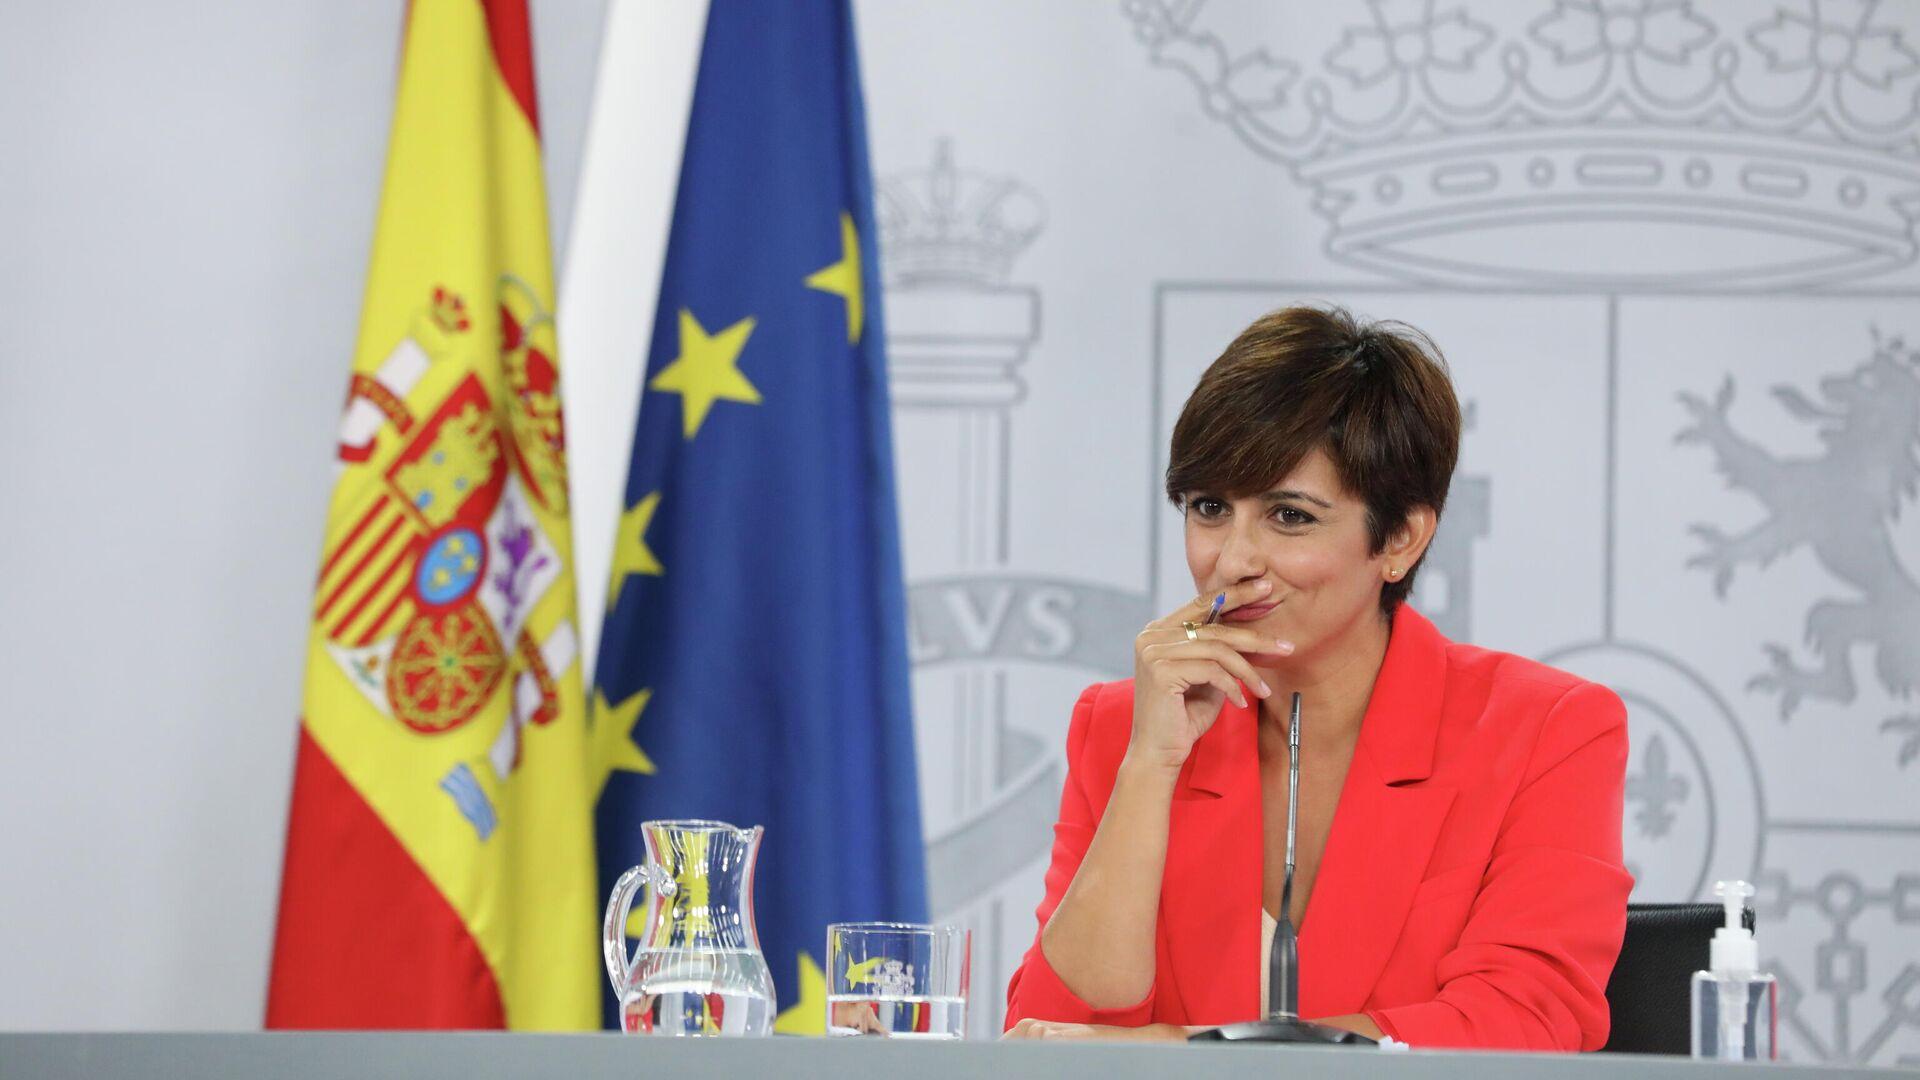 La ministra Portavoz, Isabel Rodríguez, interviene en una rueda de prensa posterior al Consejo de Ministros, a 24 de agosto de 2021, en La Moncloa, Madrid - Sputnik Mundo, 1920, 24.08.2021